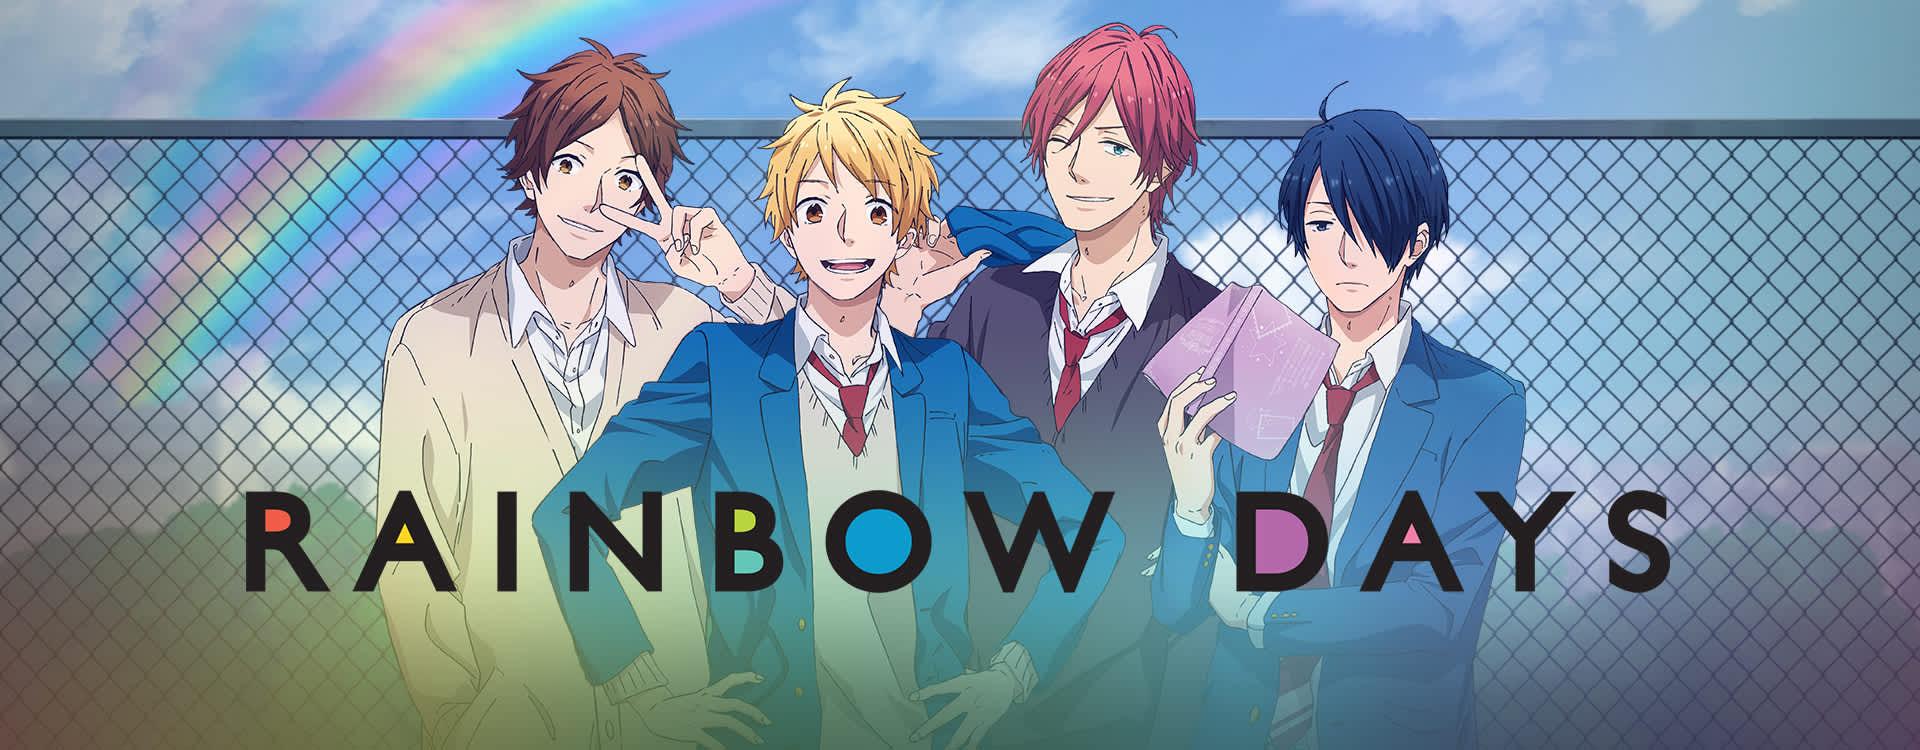 Stream Watch Rainbow Days Episodes Online